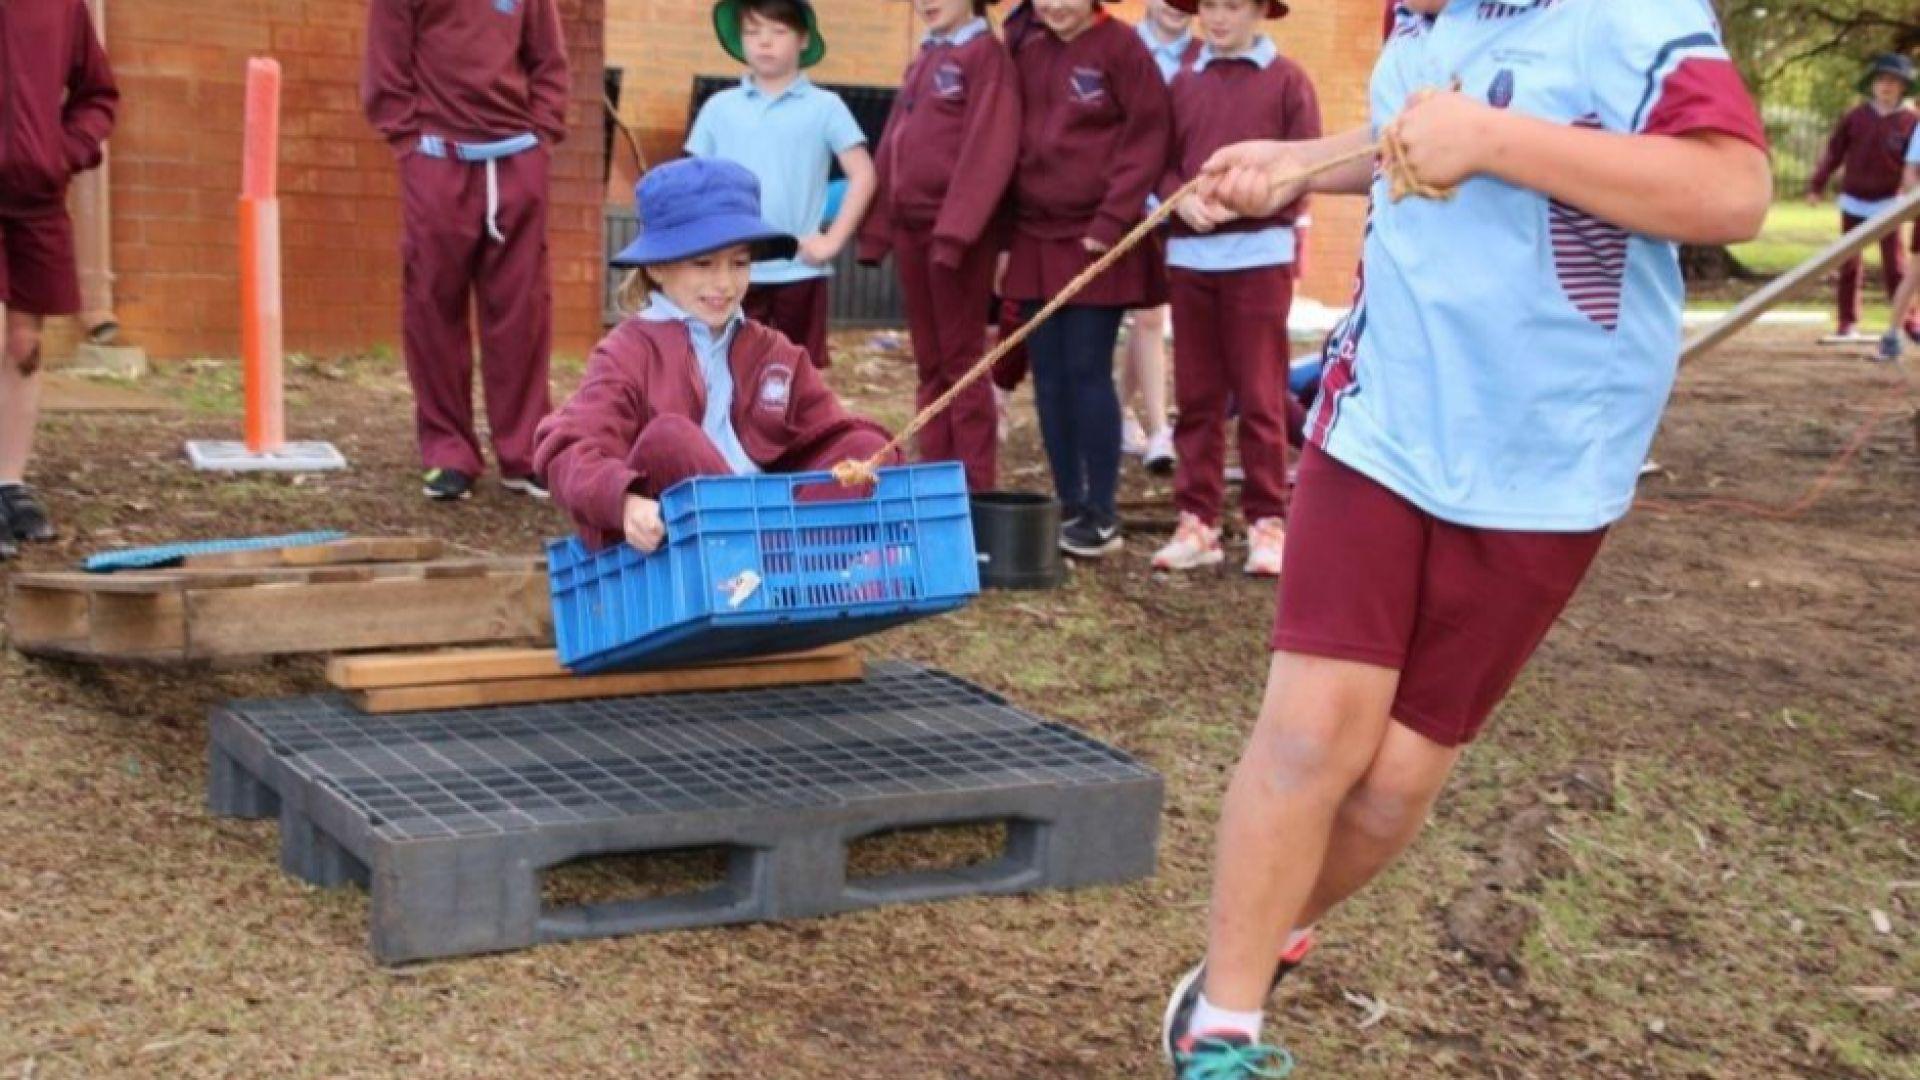 Училища връщат децата в природата и ги излагат на риск, за да станат силни, здрави и мислещи творци